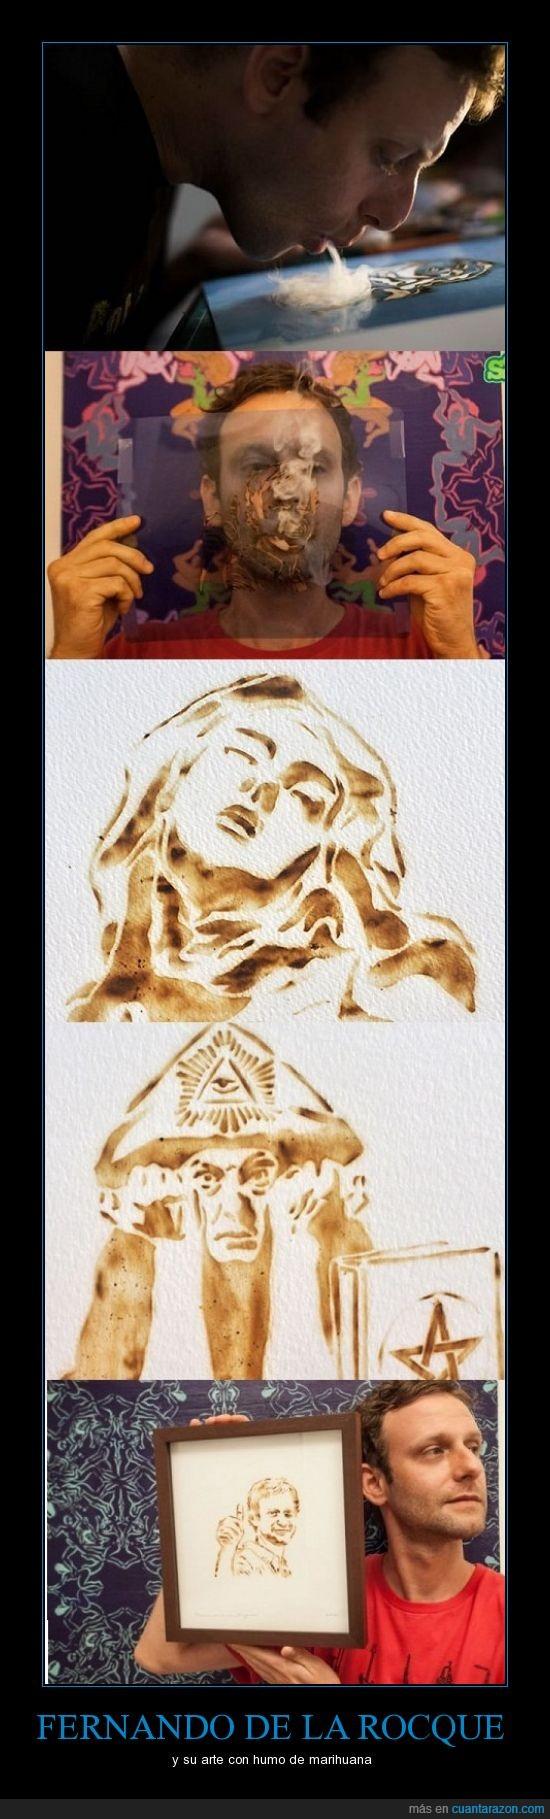 arte,fernando,humo,marihuana,rocque